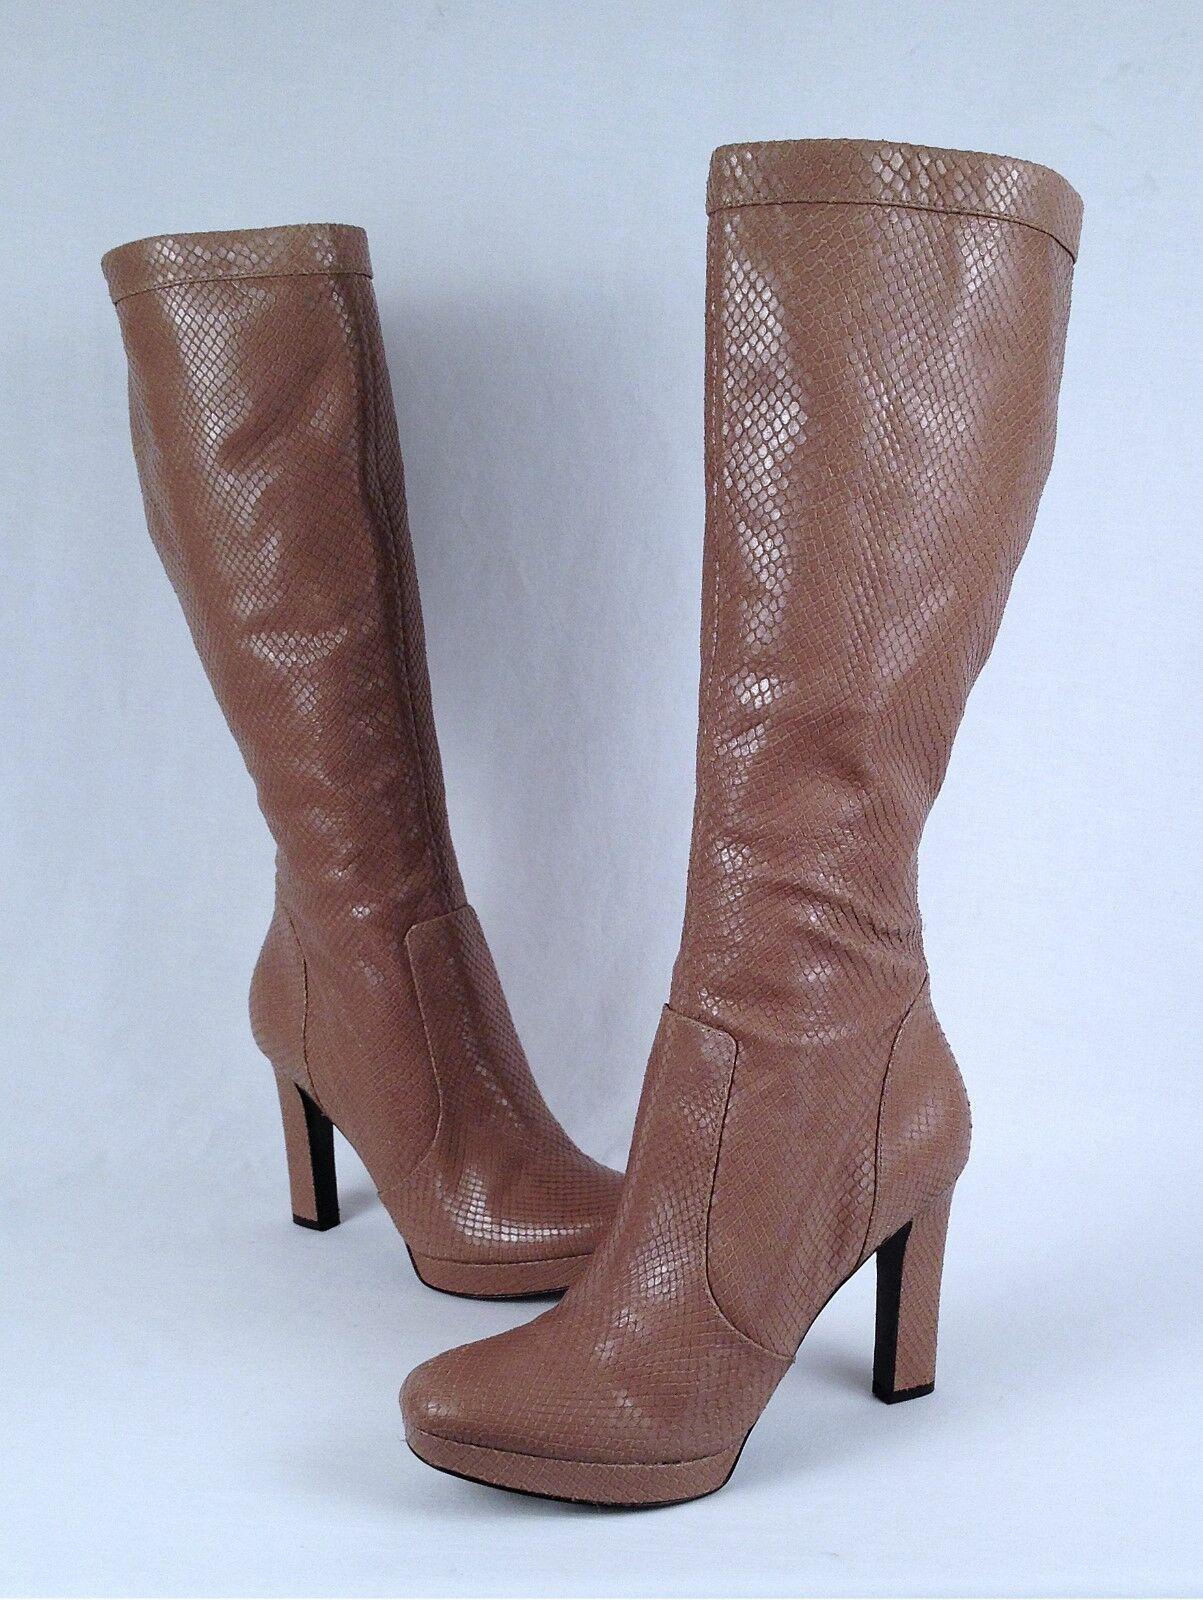 NEW  Via Spiga 'Tori' Tall Boot - Mushroom Snakeskin- Size 8.5 M   (B56)